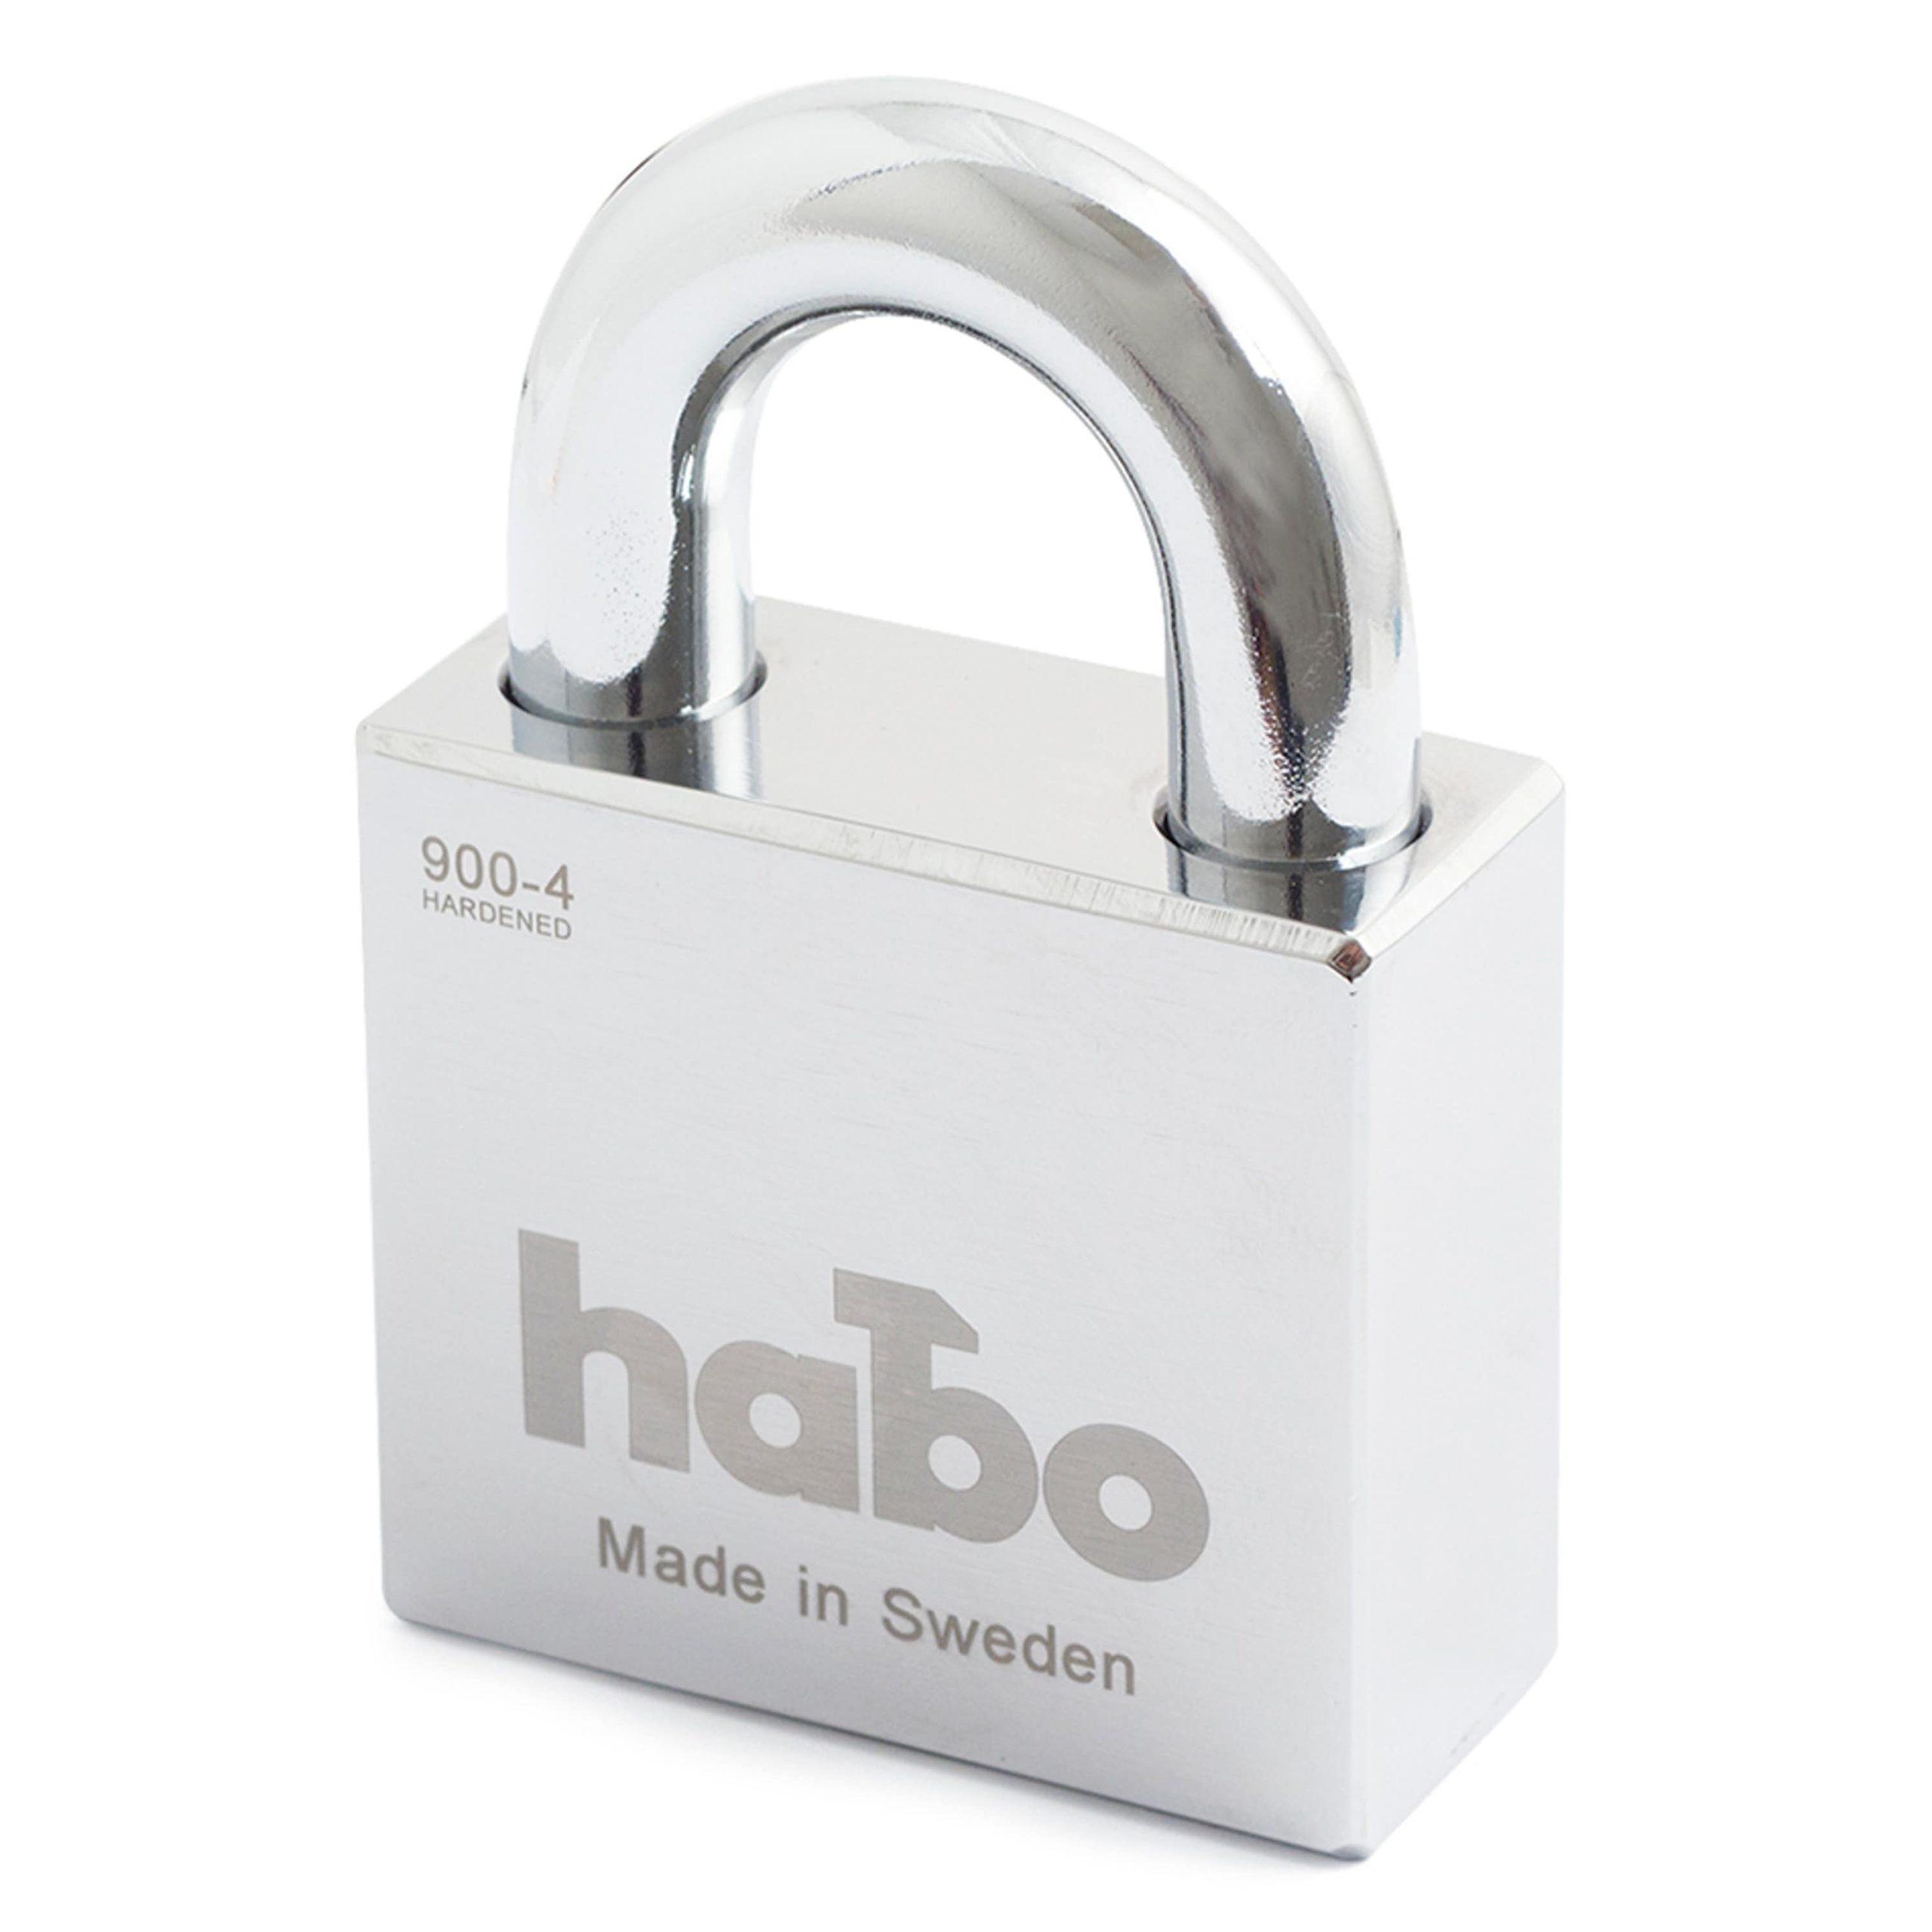 Hänglås 900-4 Klass 4 SB Habo